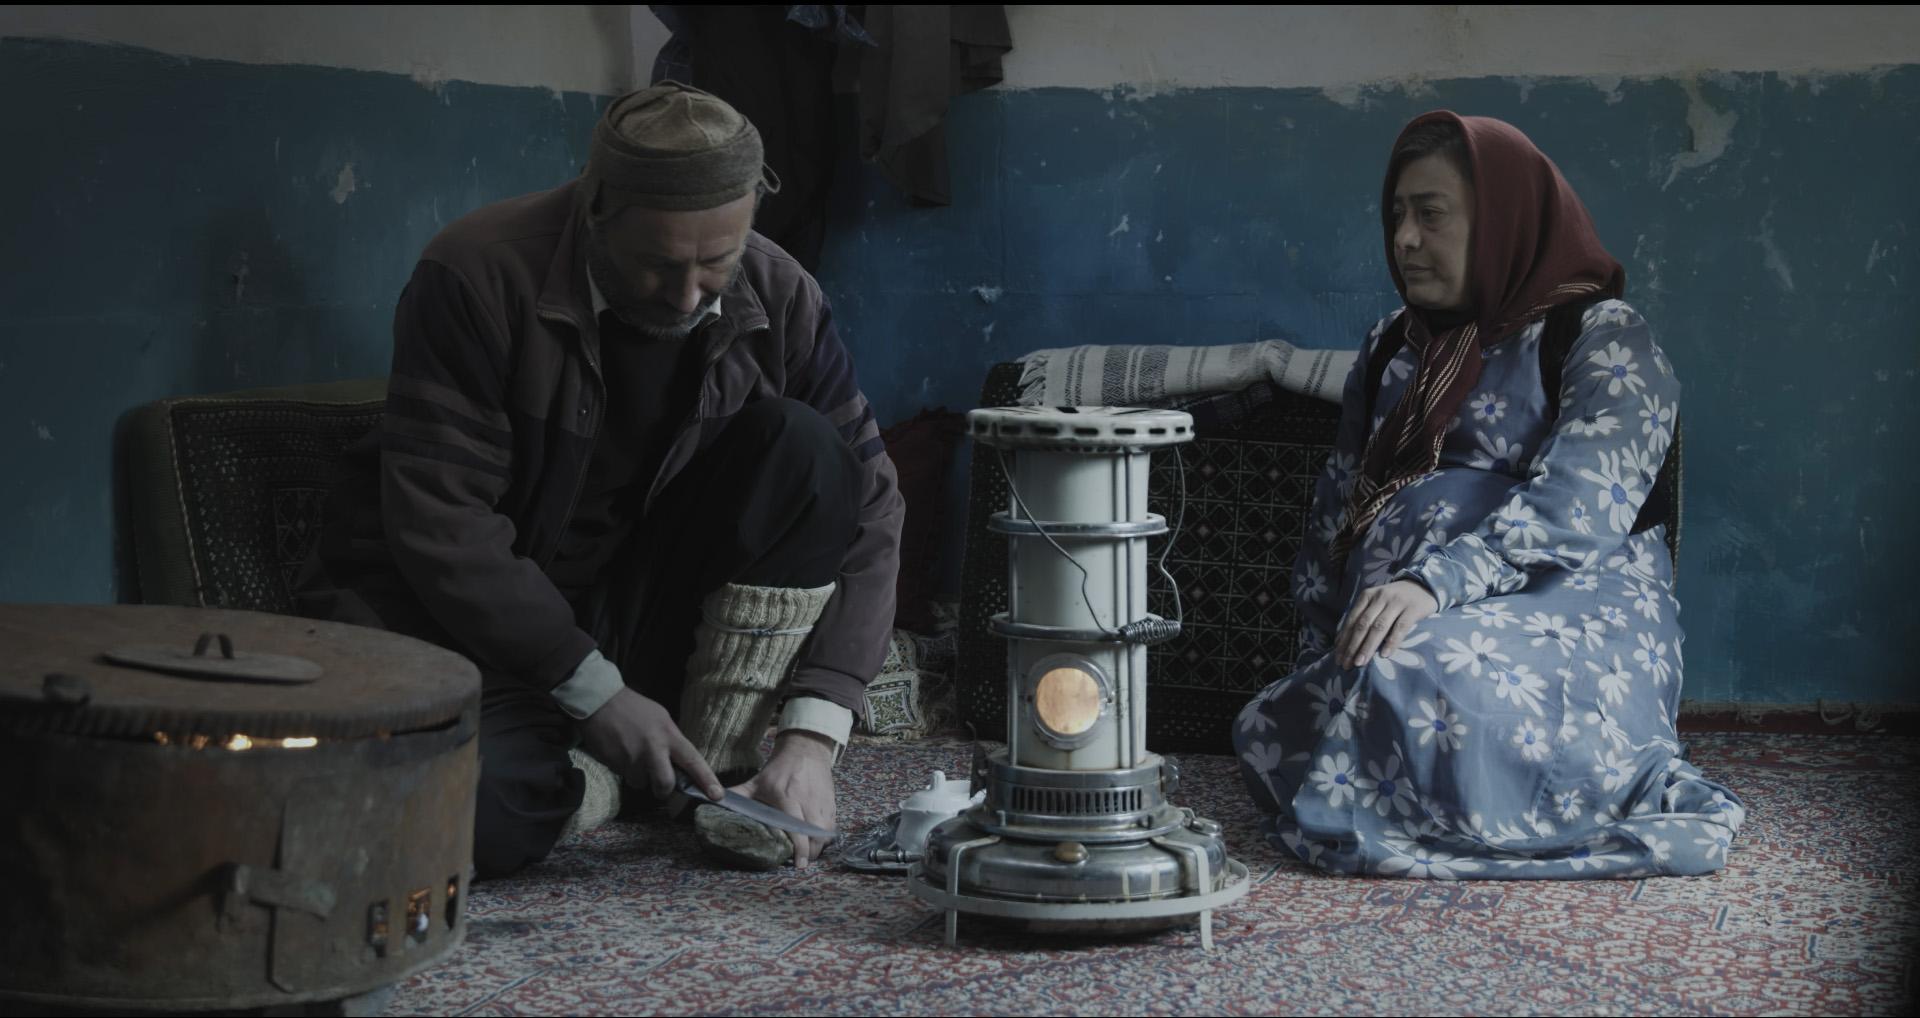 راه یابی فیلم کوتاه ذبح اثر هنرمندان کوردستانی به گلاسکو اسکاتلند